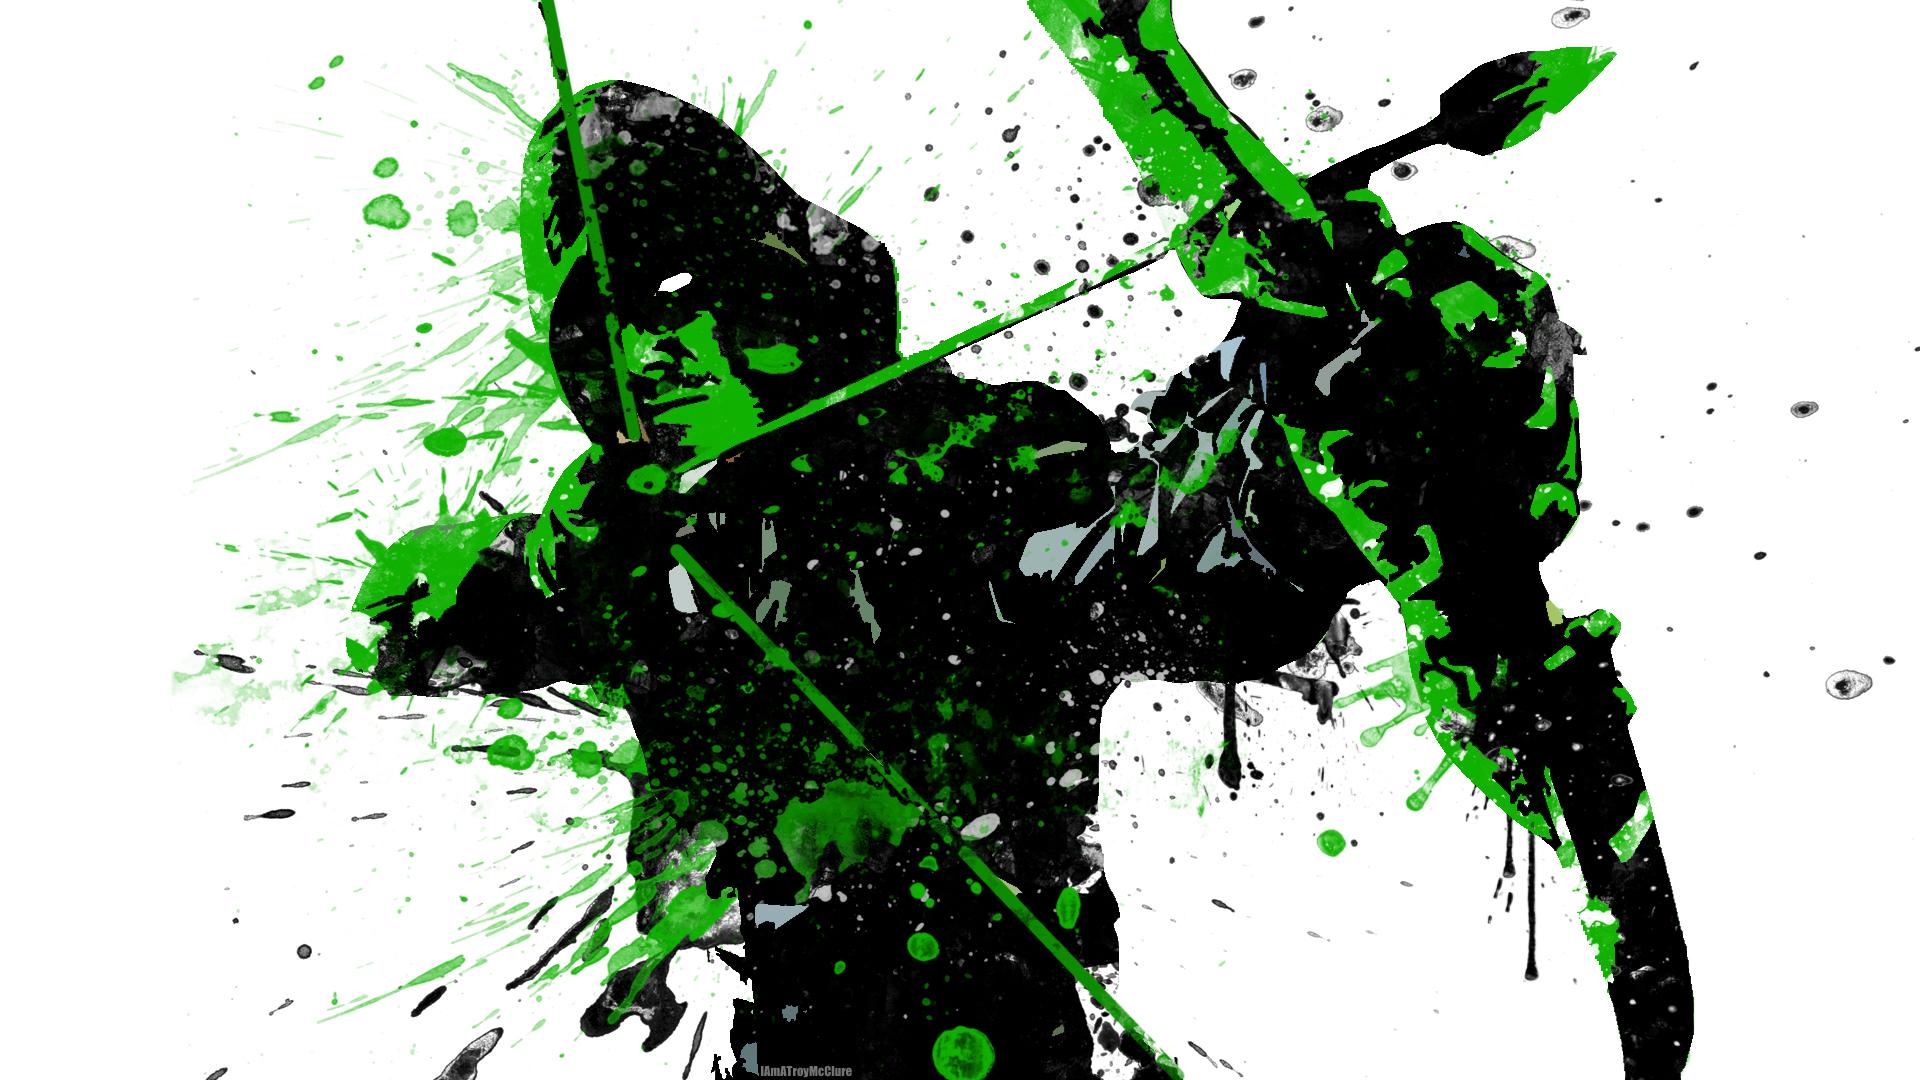 Green Arrow Splatter Paint by IAmATroyMClure 1920x1080